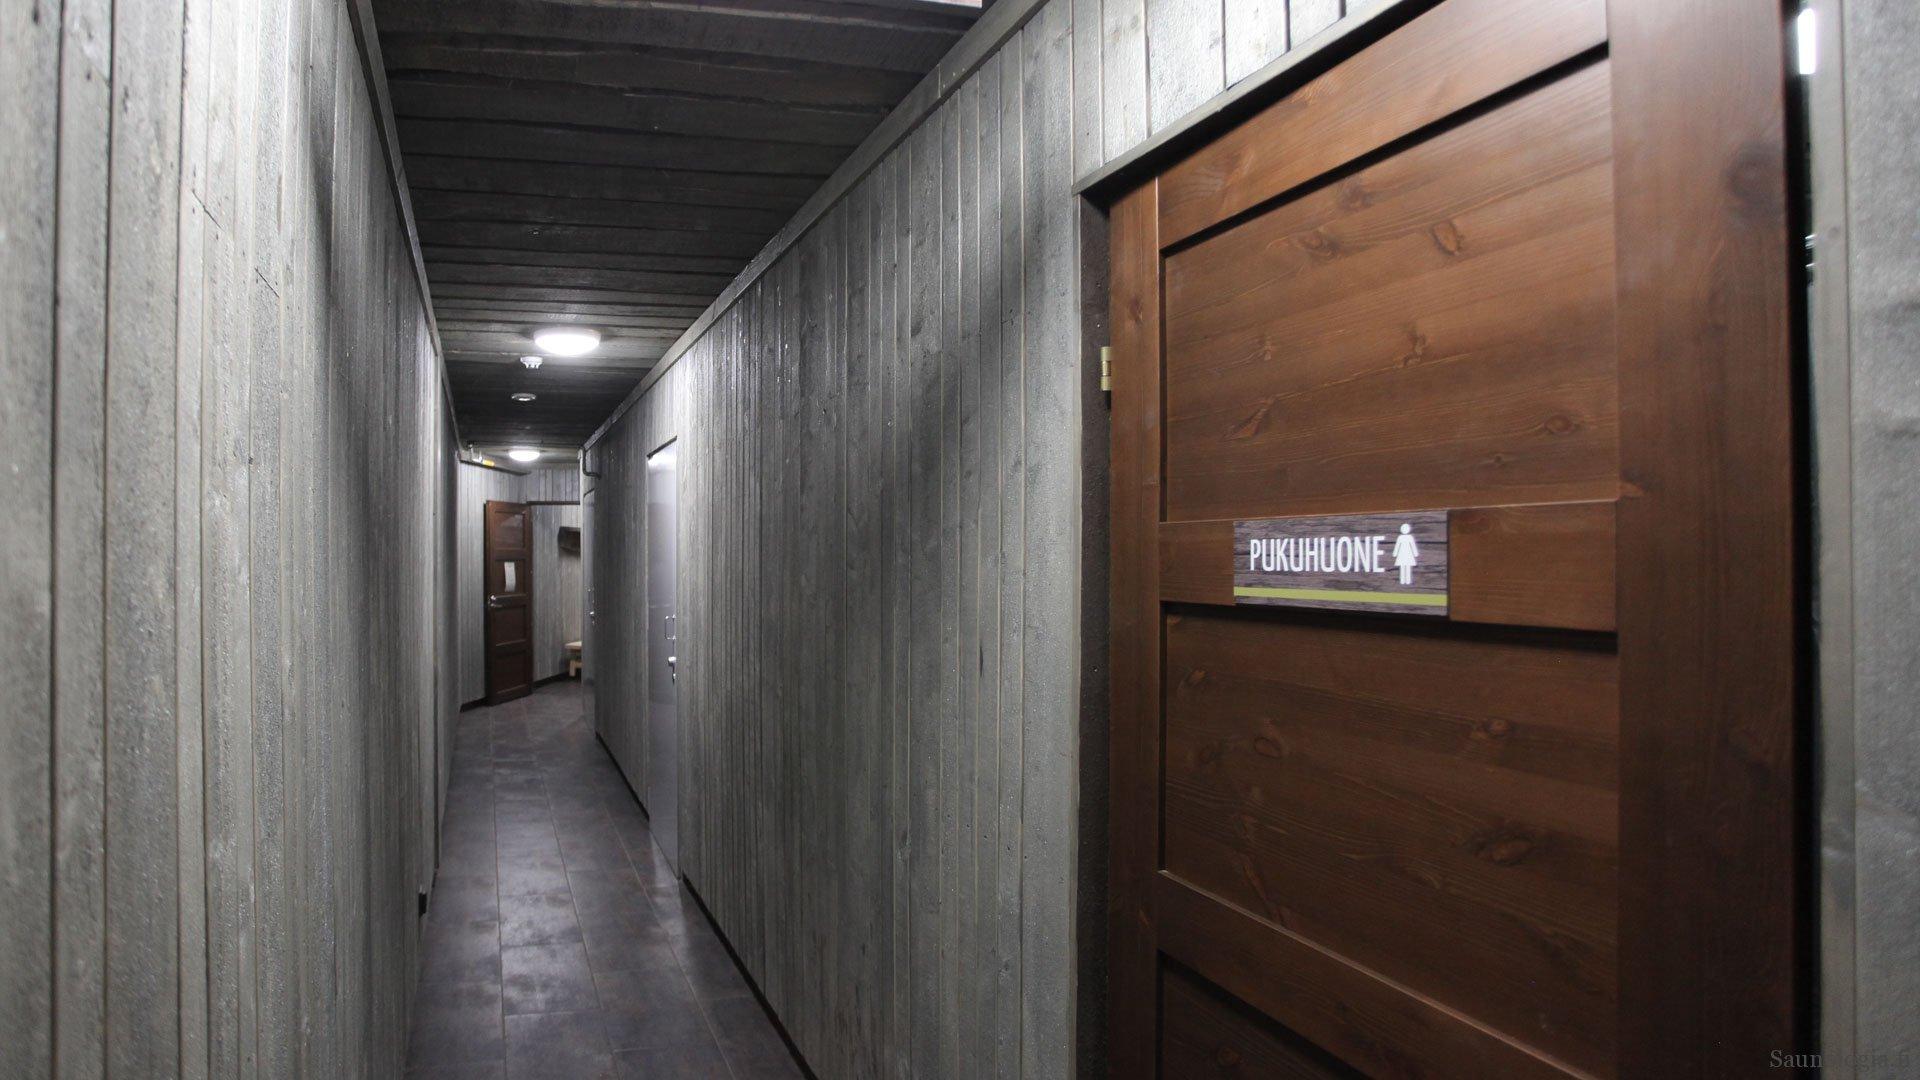 170831-tykkimaen-sauna-kaytava-pukuhuoneet